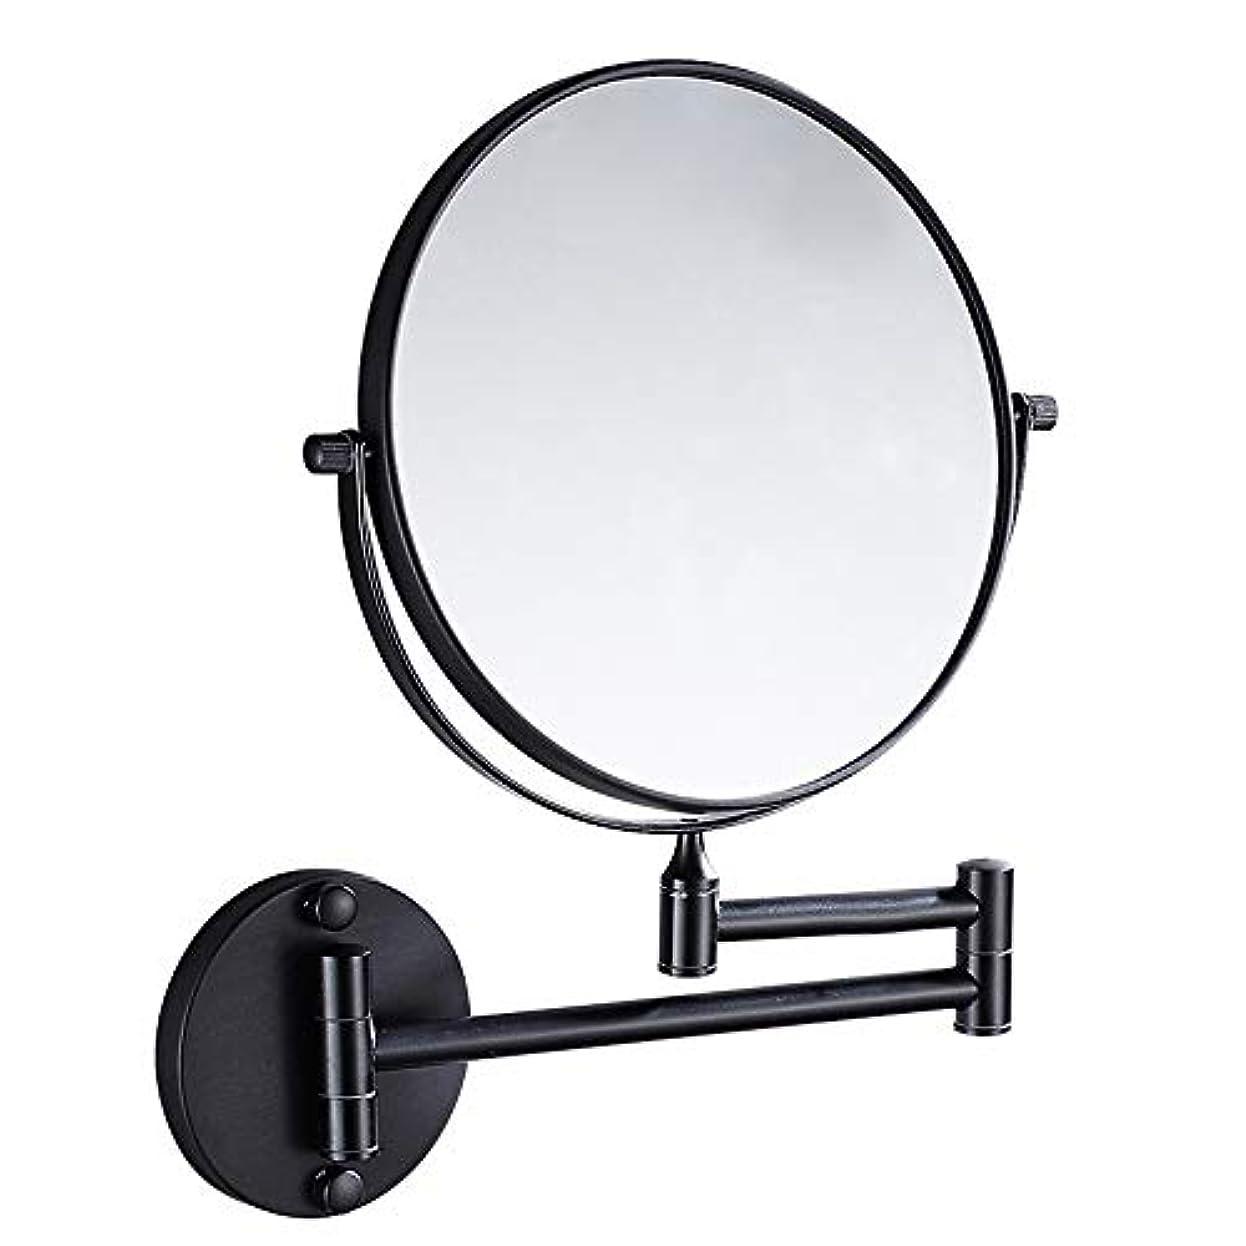 の量忌避剤純粋に流行の ブラック銅ミラー浴室壁掛け折りたたみ美容ミラー両面望遠鏡拡大鏡8インチパンチフリー